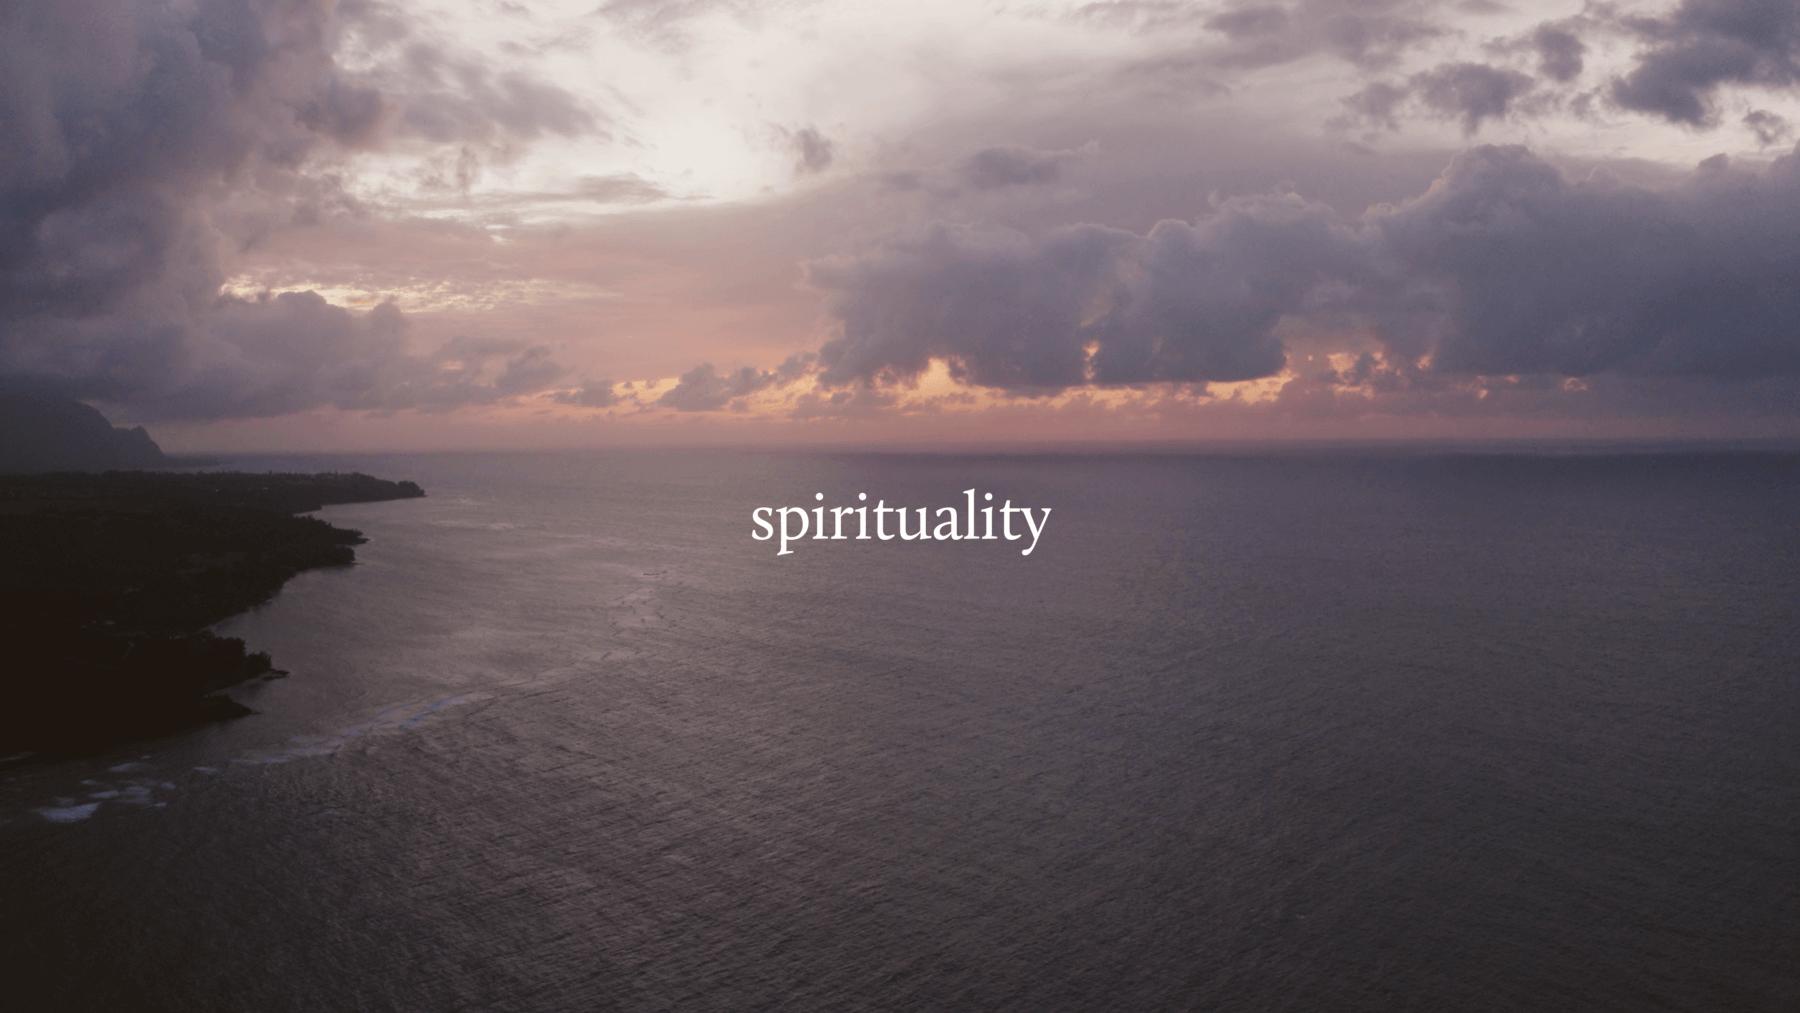 Sermon Series Ideas #9: Spirituality